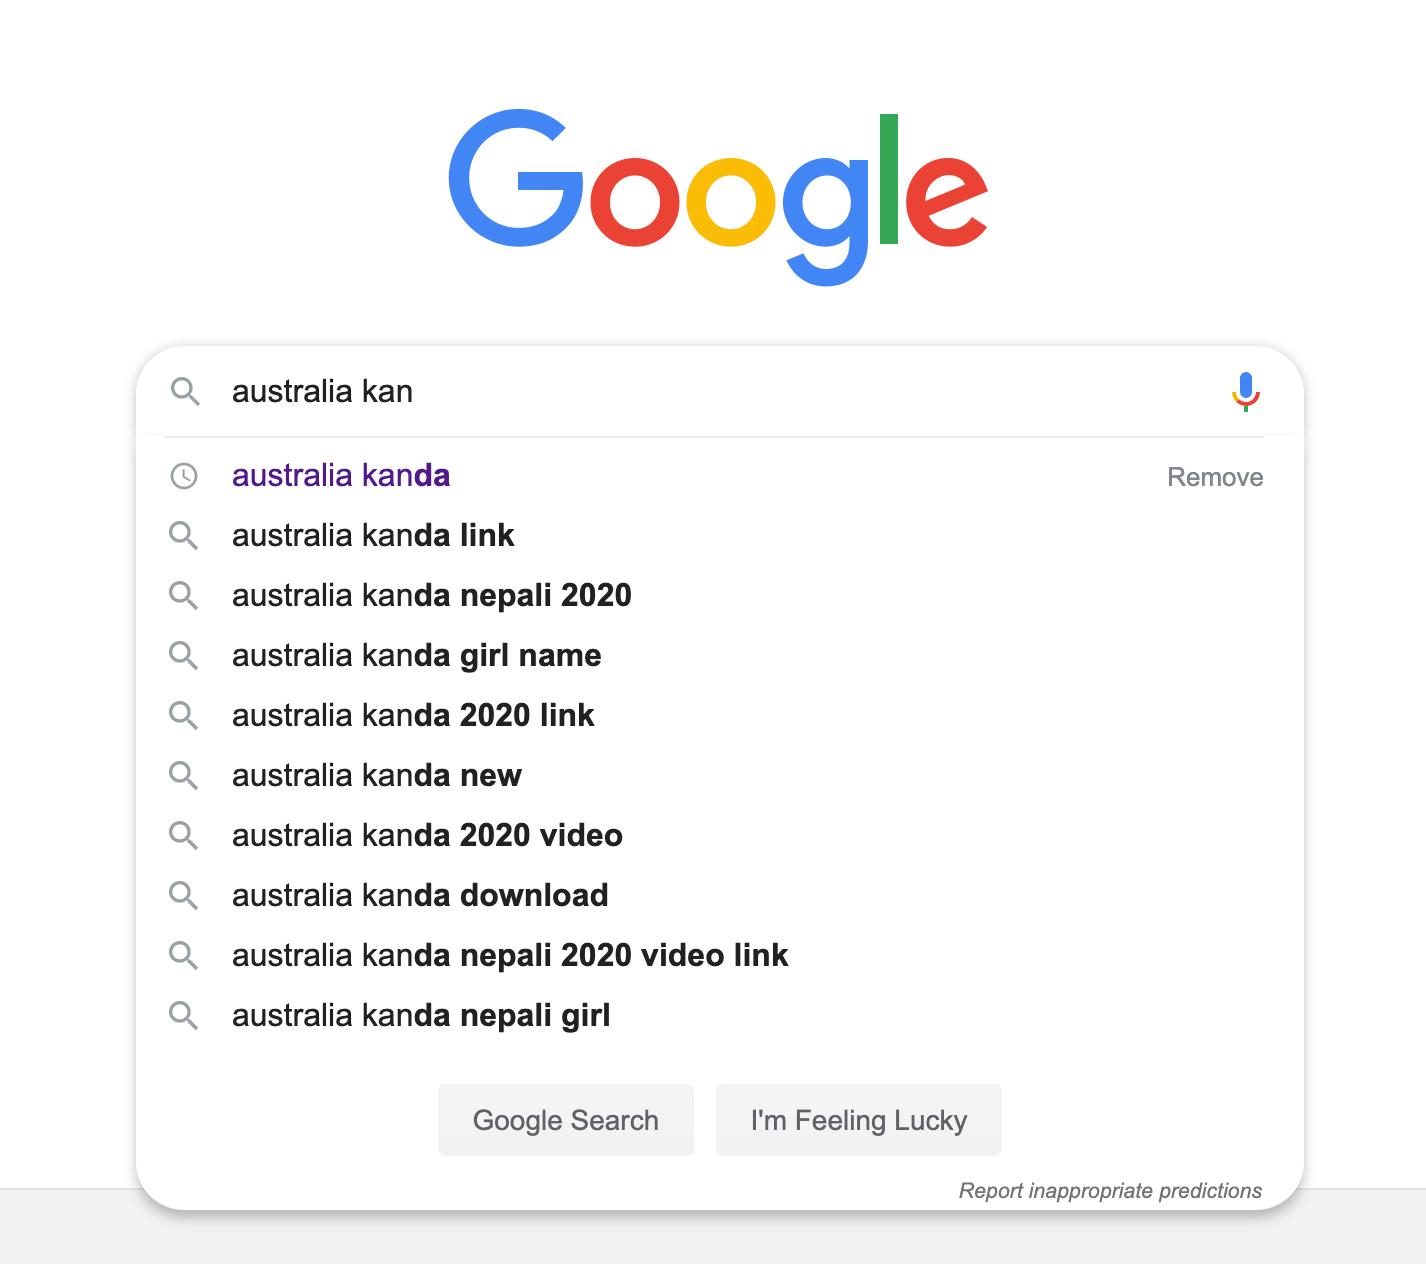 Australia kanda google